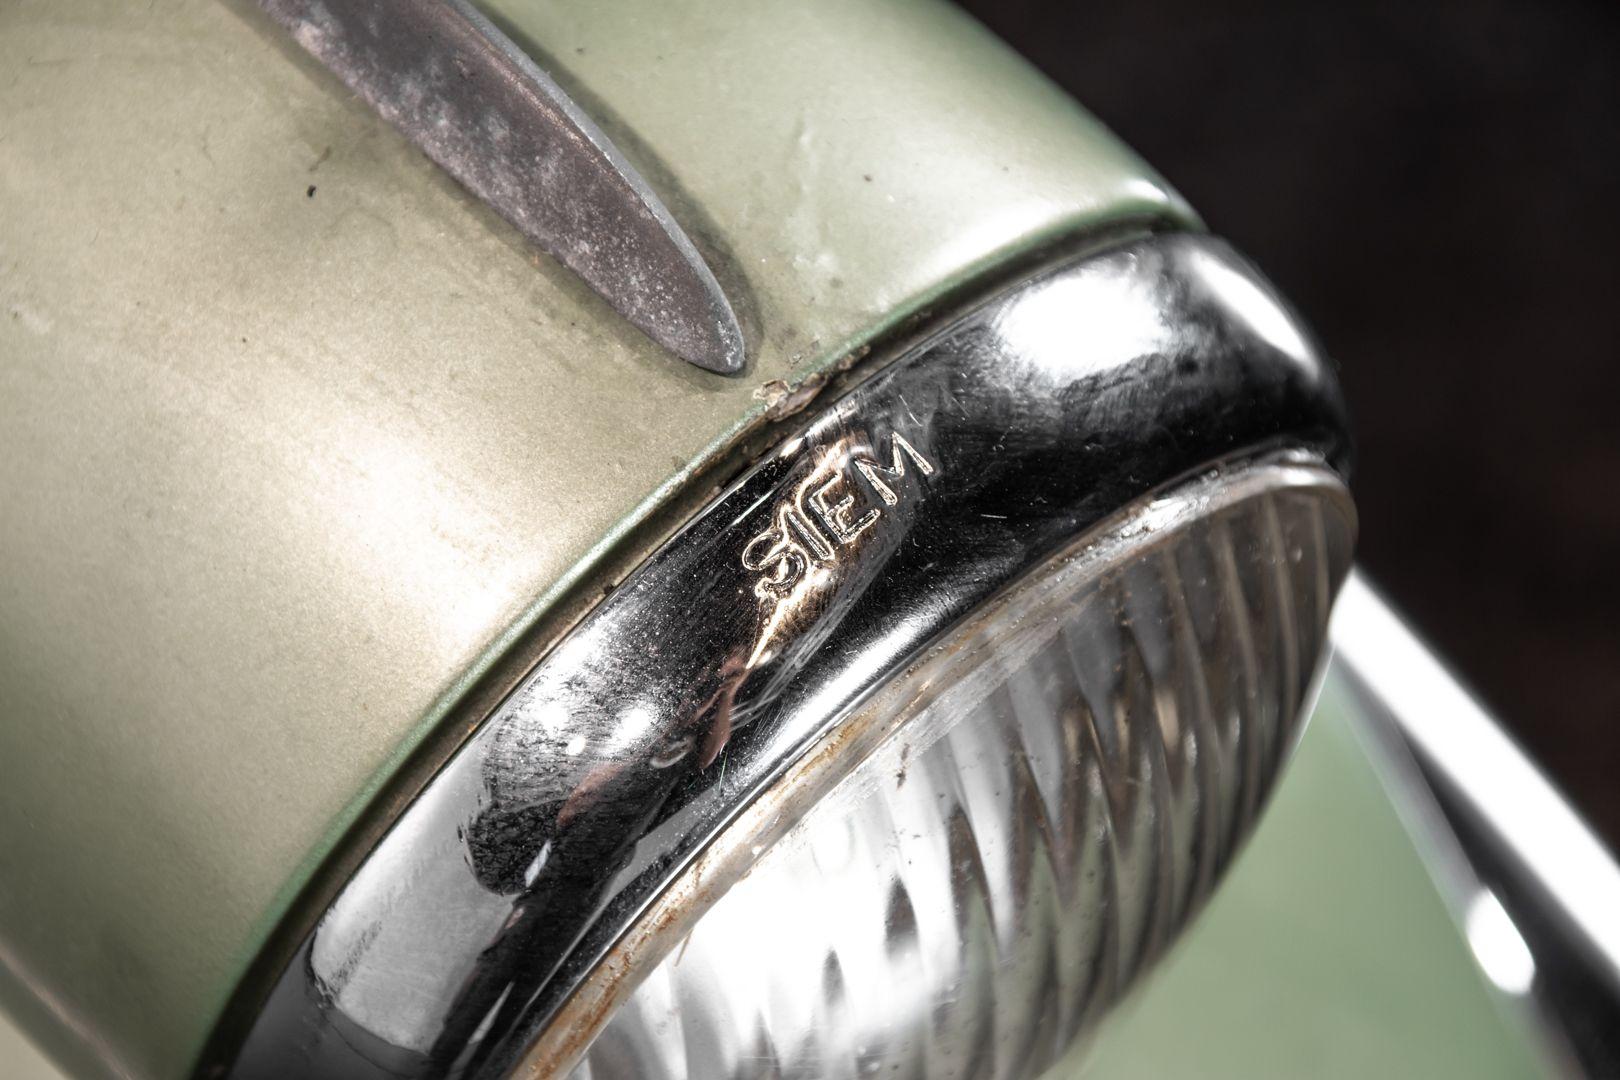 1951 Piaggio Vespa 125 51 V31 80383